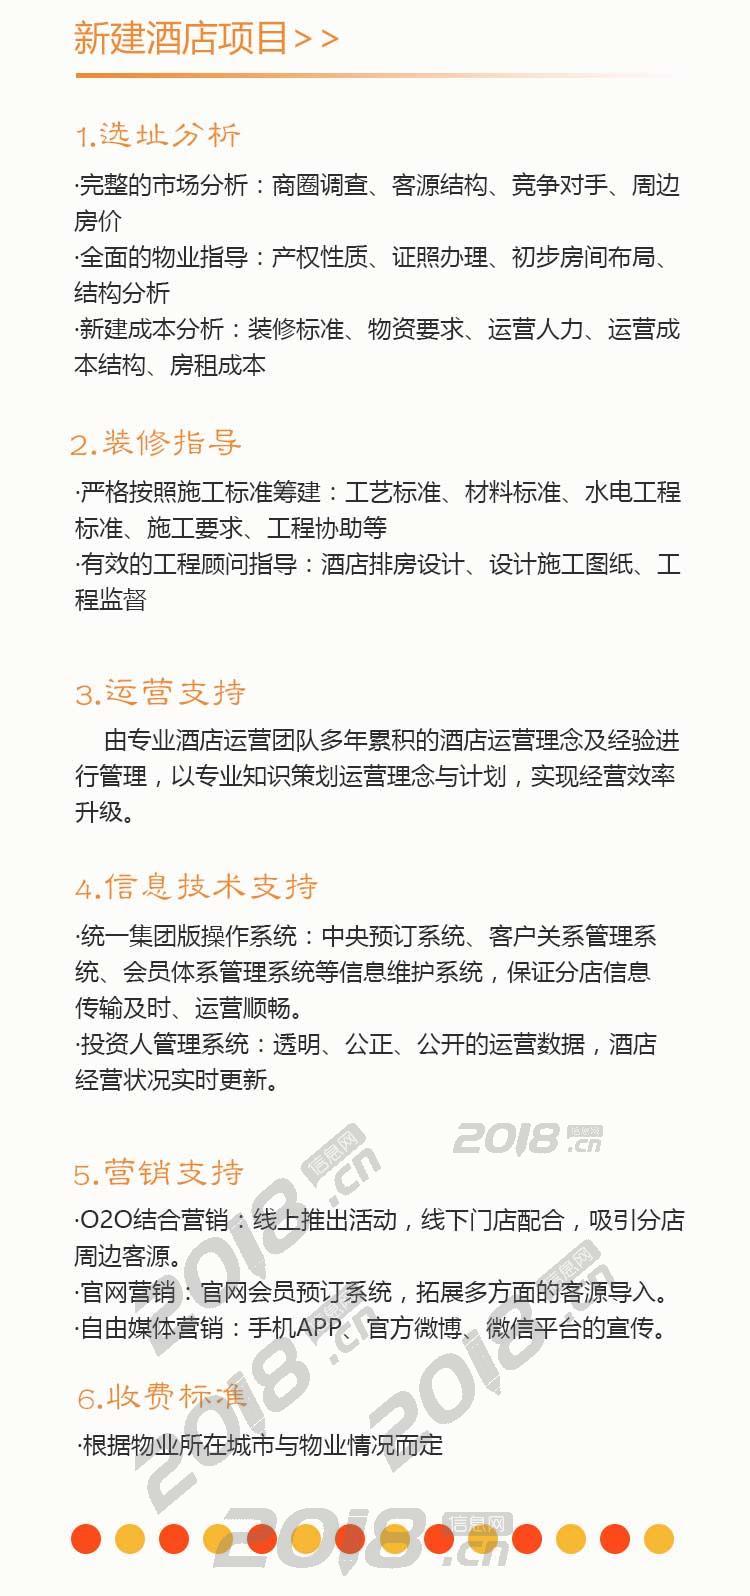 深圳阿拉卓盈全阳江地区加盟招商推广简介